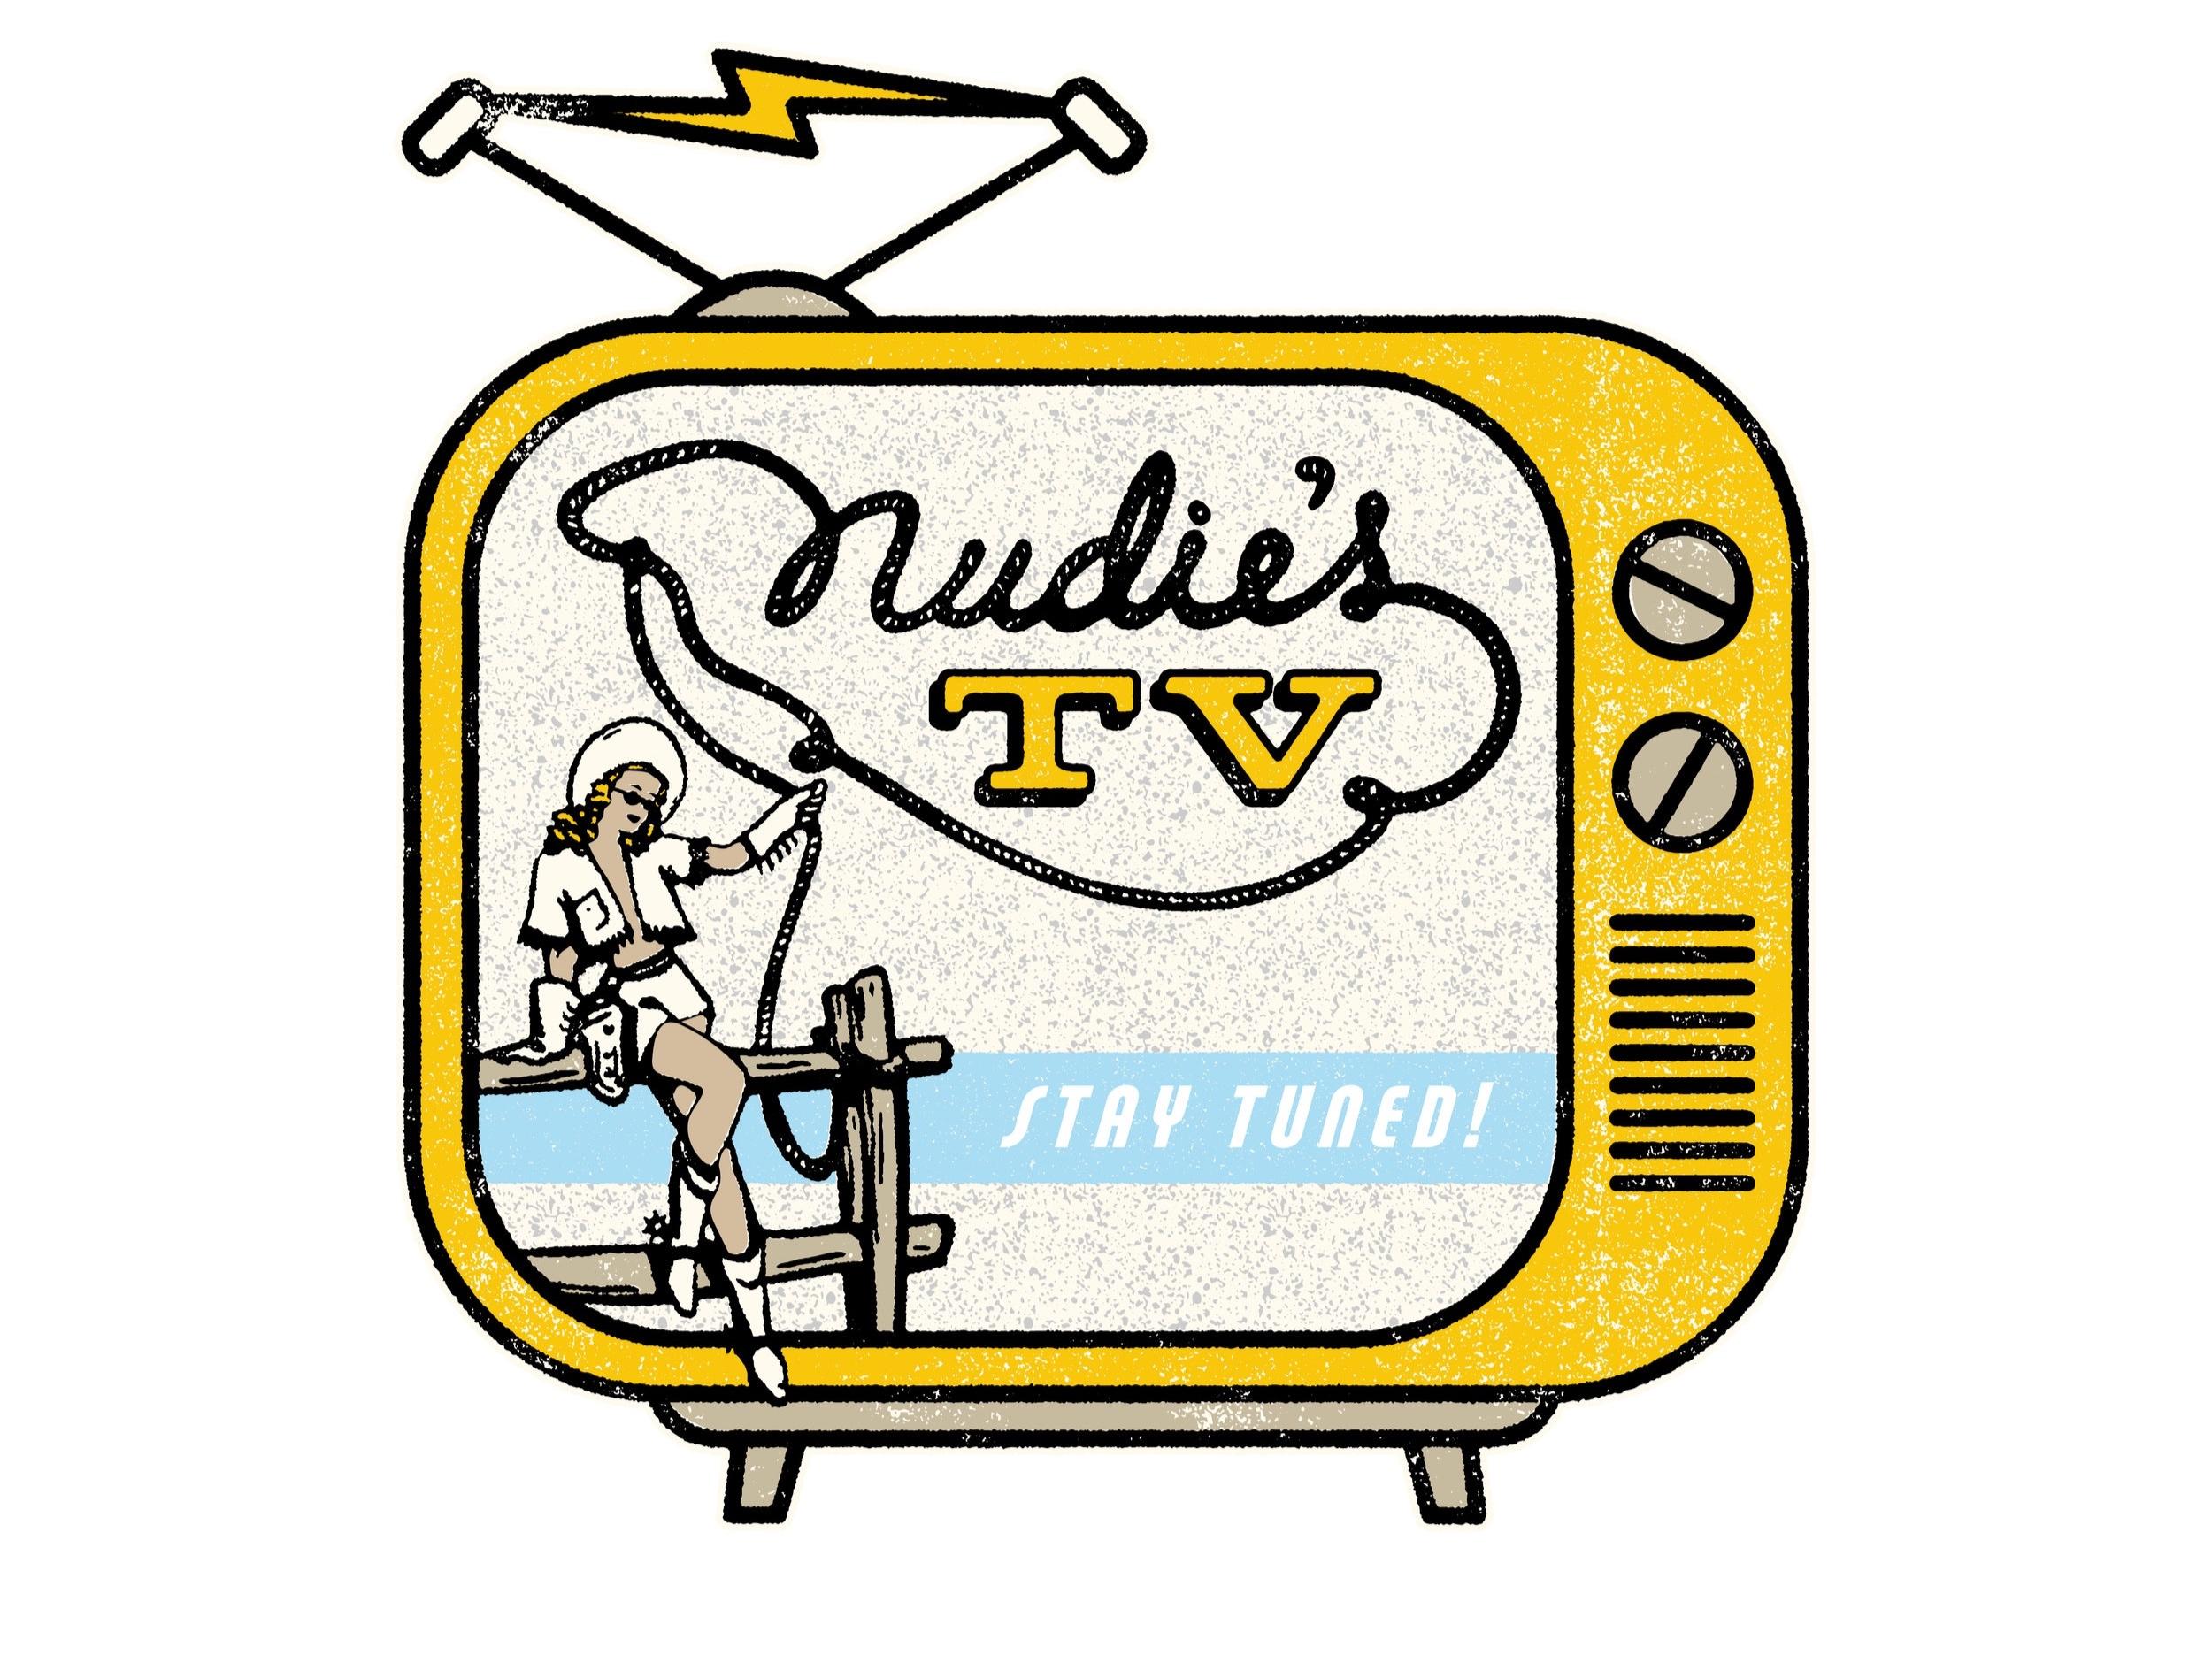 Nudies-NudiesTVLogoEdit2-040119-03.jpg